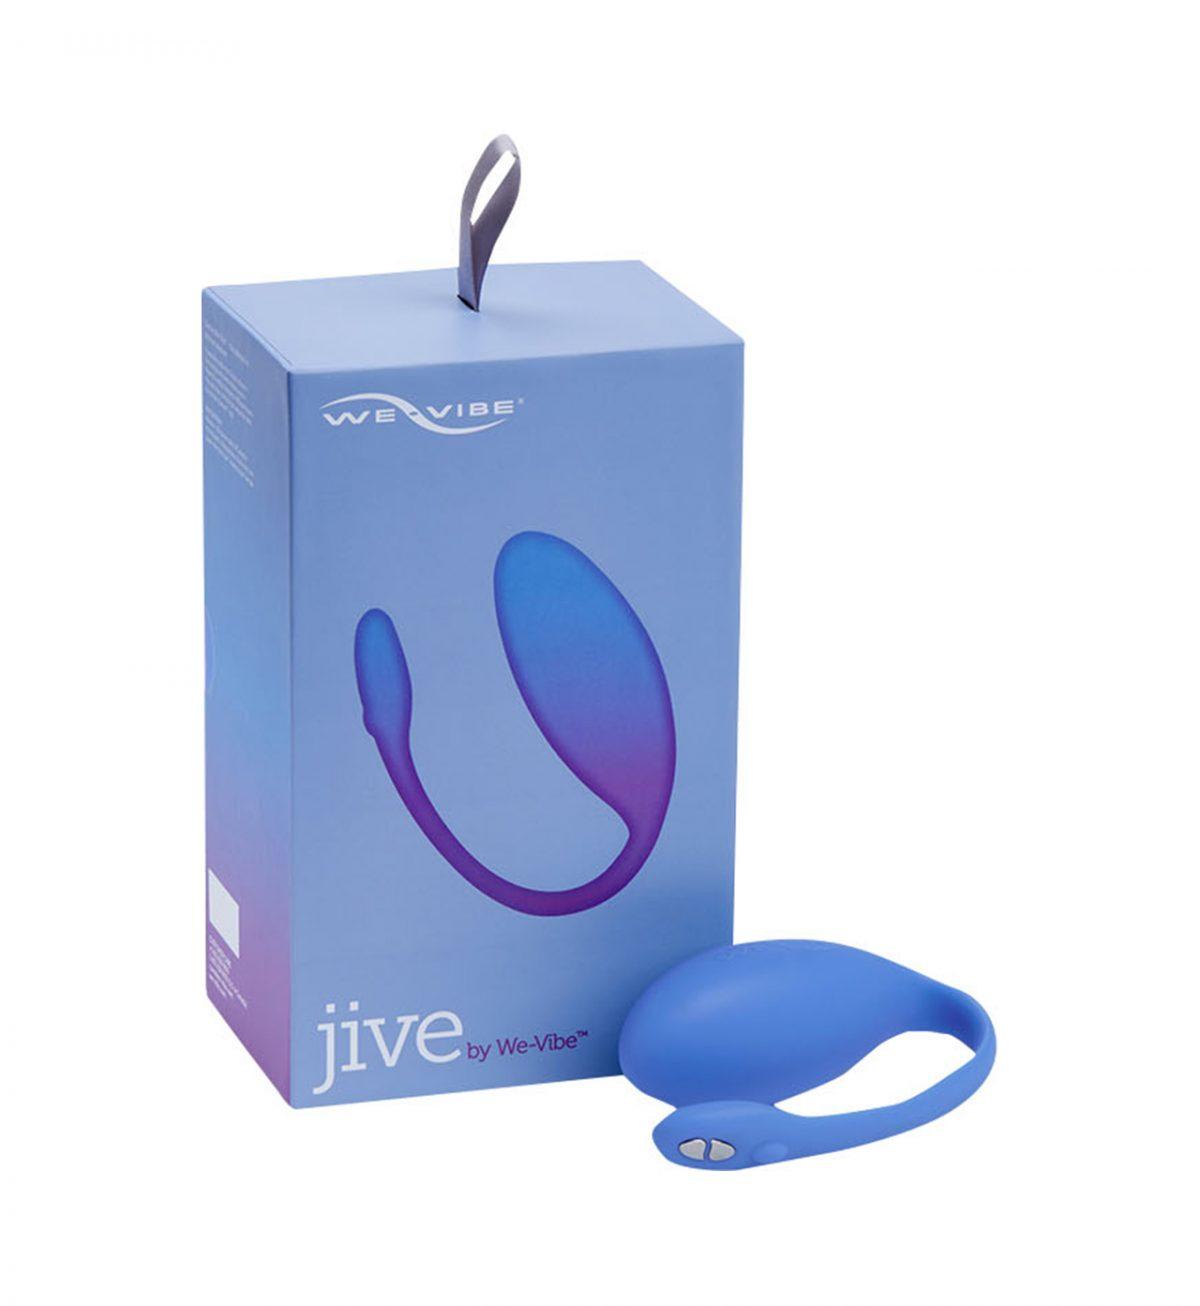 Jive - G-punkts vibrator - We-Vibe